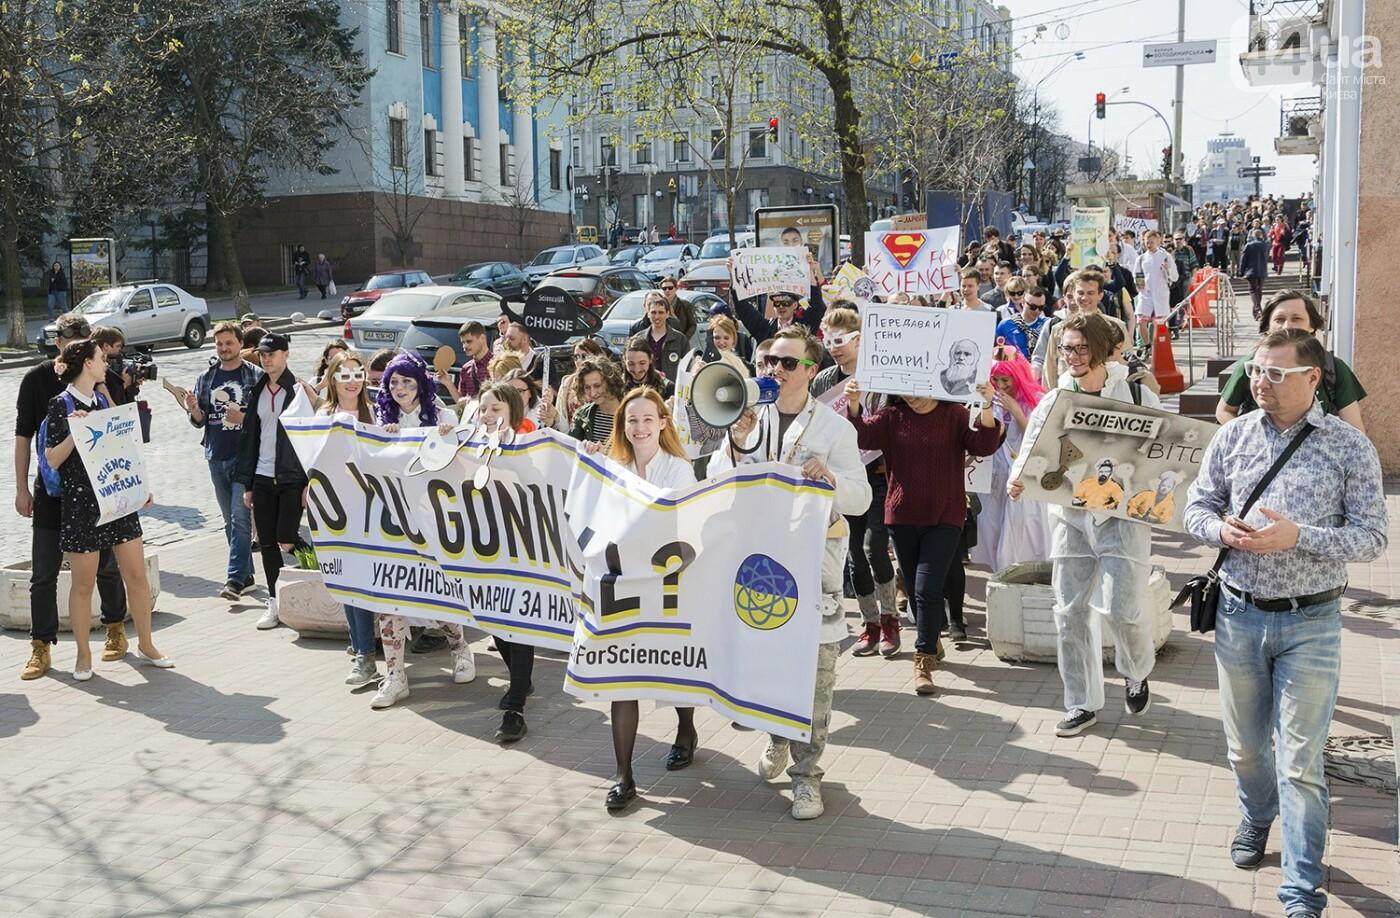 Ученые против мракобесия: в Киеве прошел марш за науку, фото-27